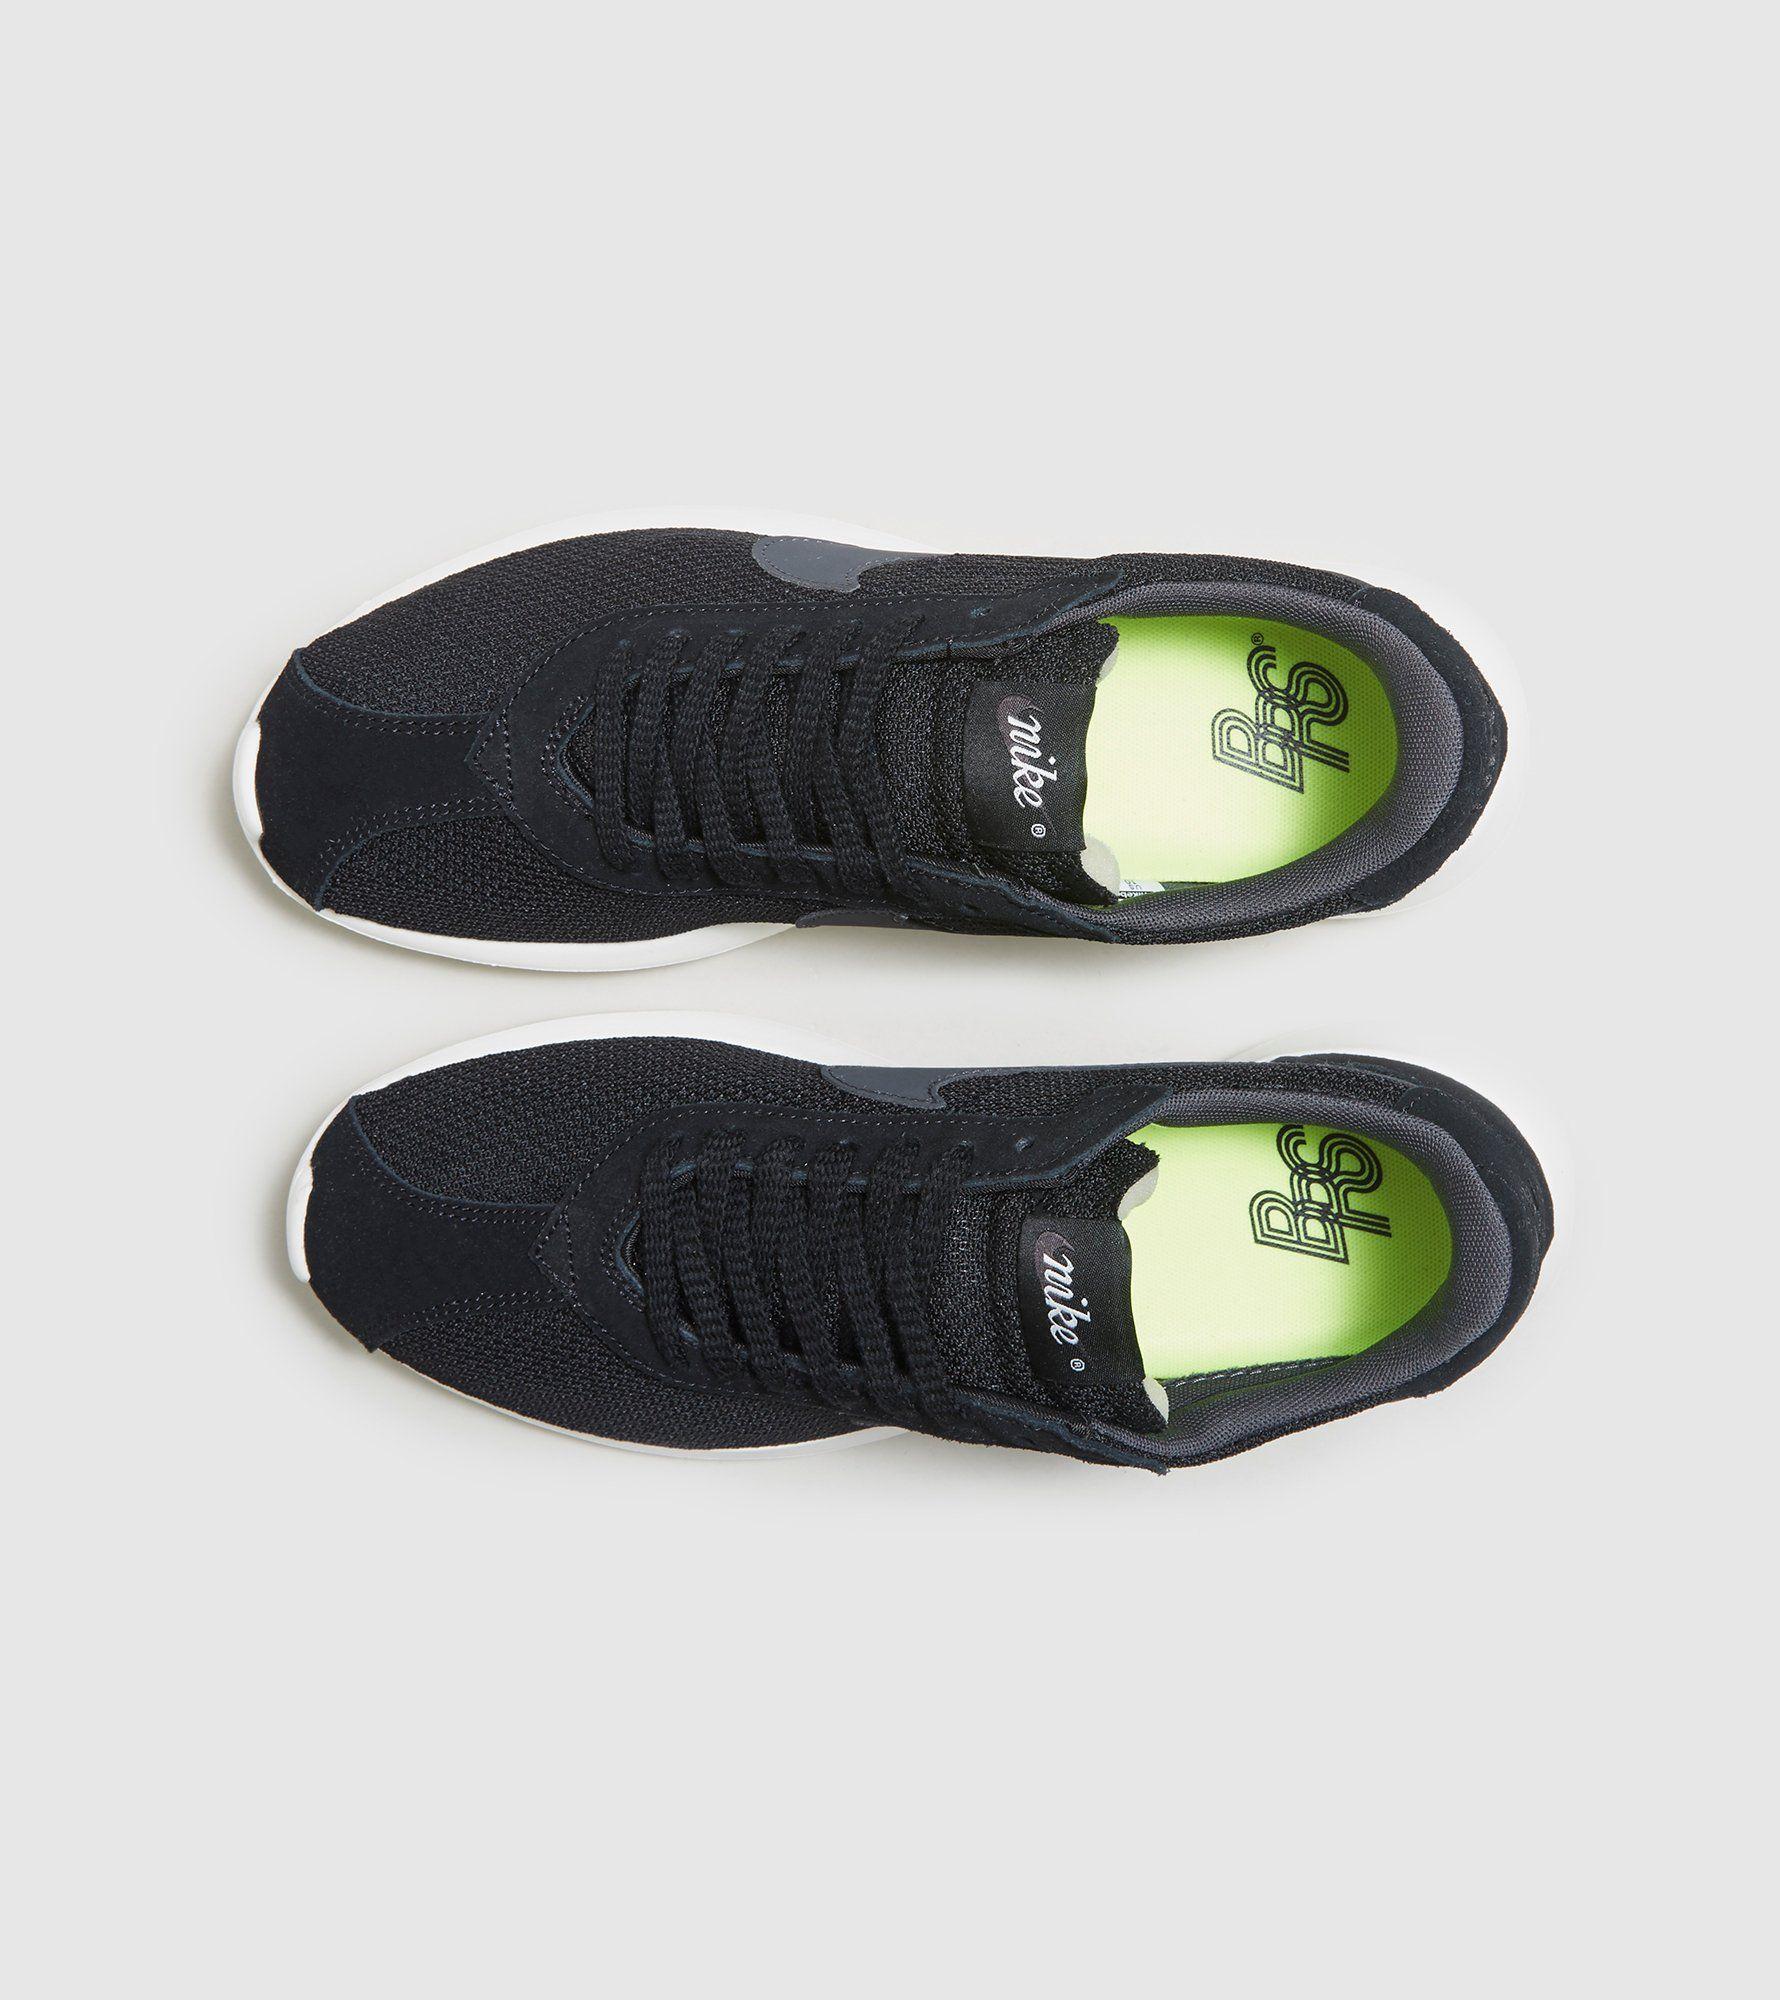 bakgv Nike Roshe LD-1000 | Size?